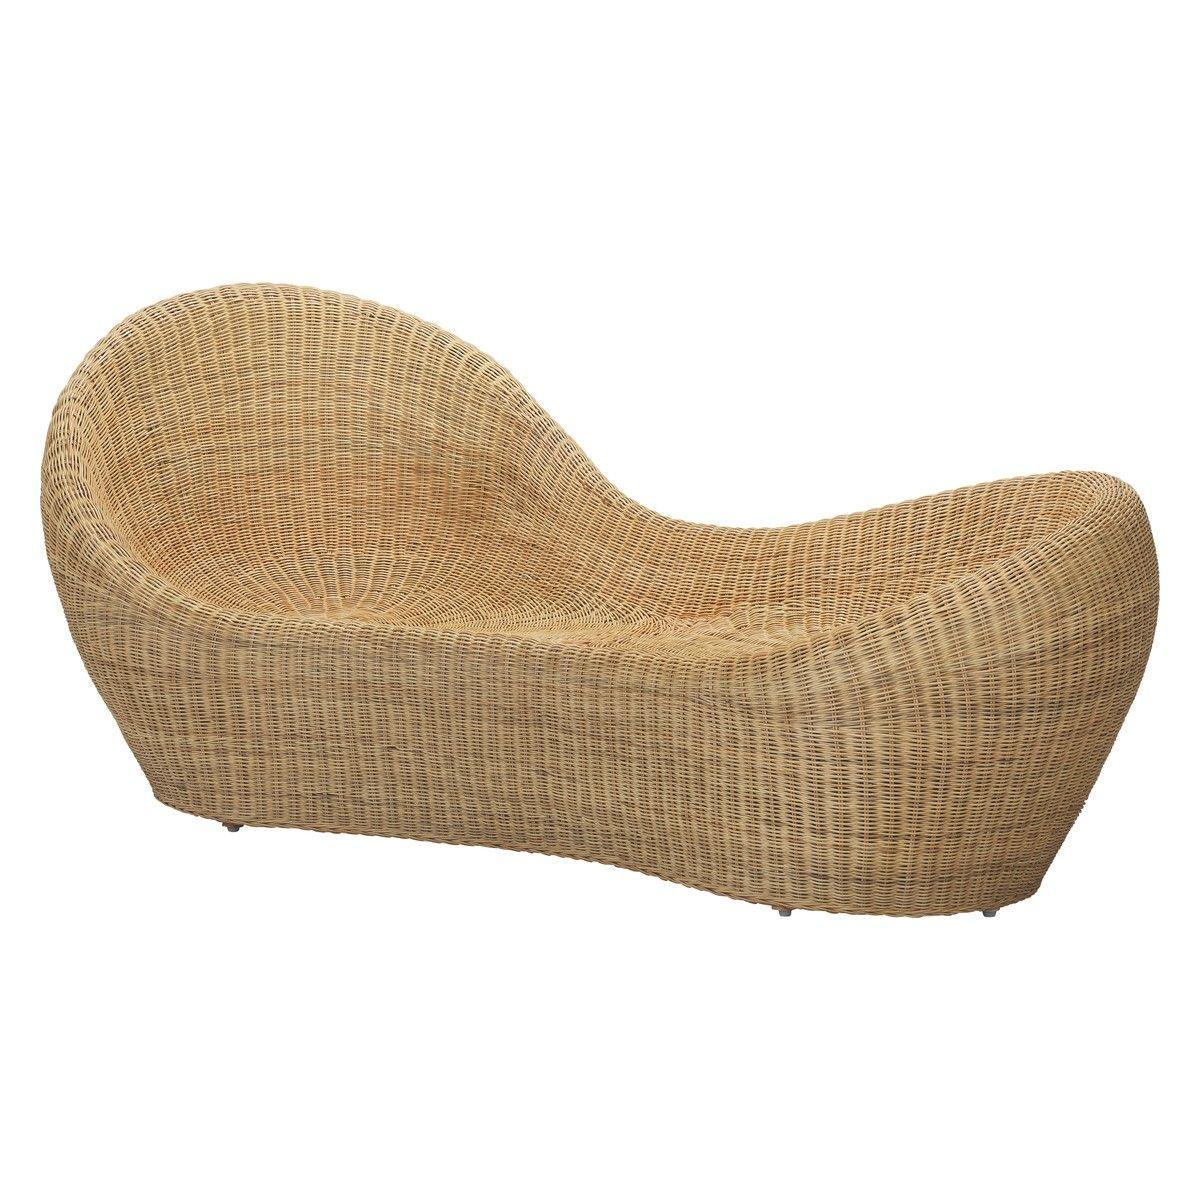 Betel rattan garden chaise textures textiles wood concrete